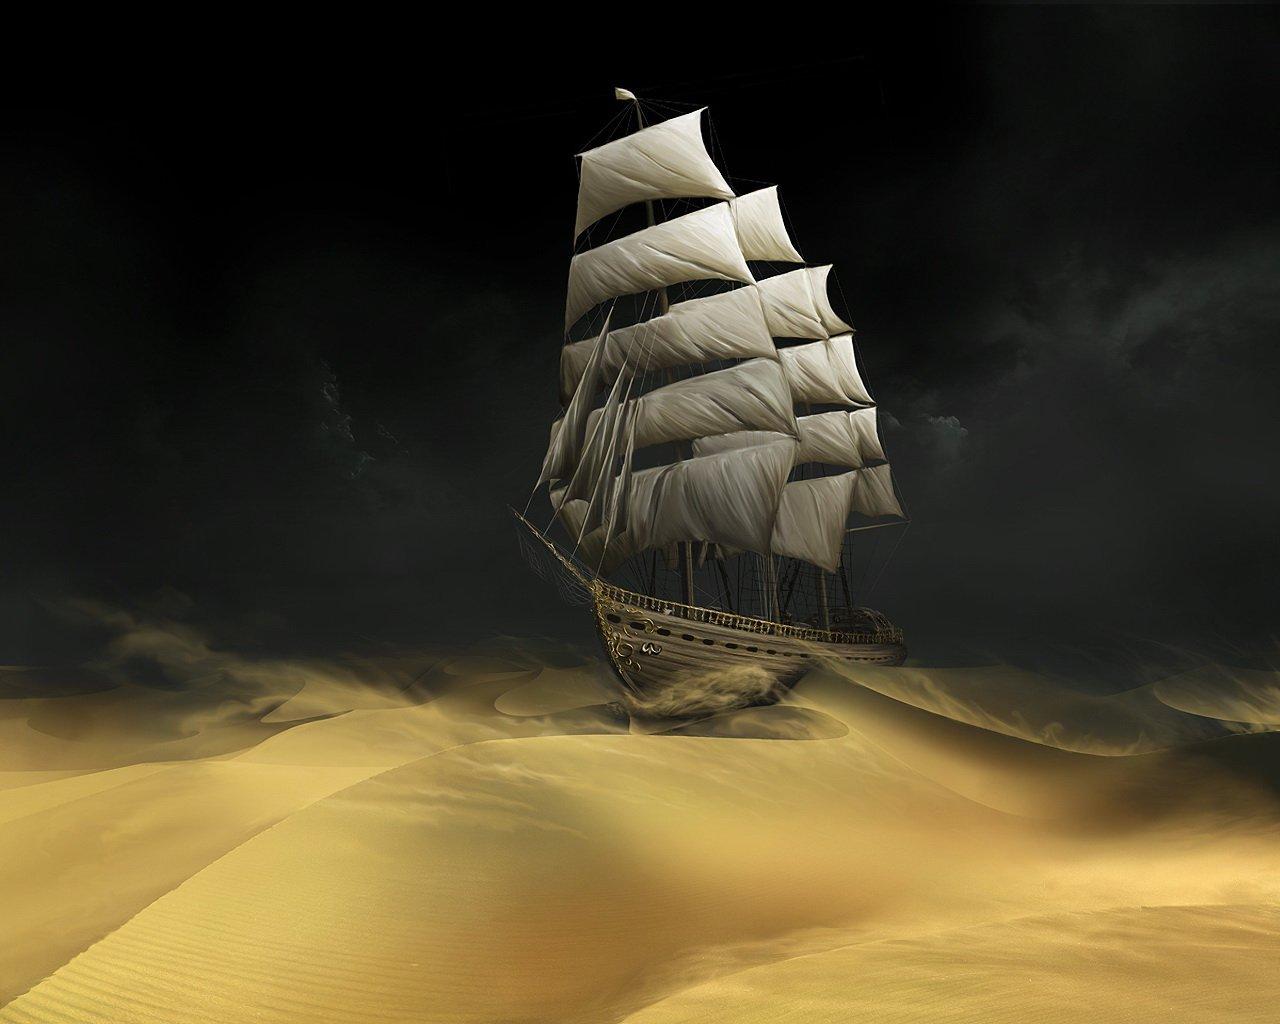 15701 скачать обои Транспорт, Арт, Корабли, Песок, Пустыня - заставки и картинки бесплатно